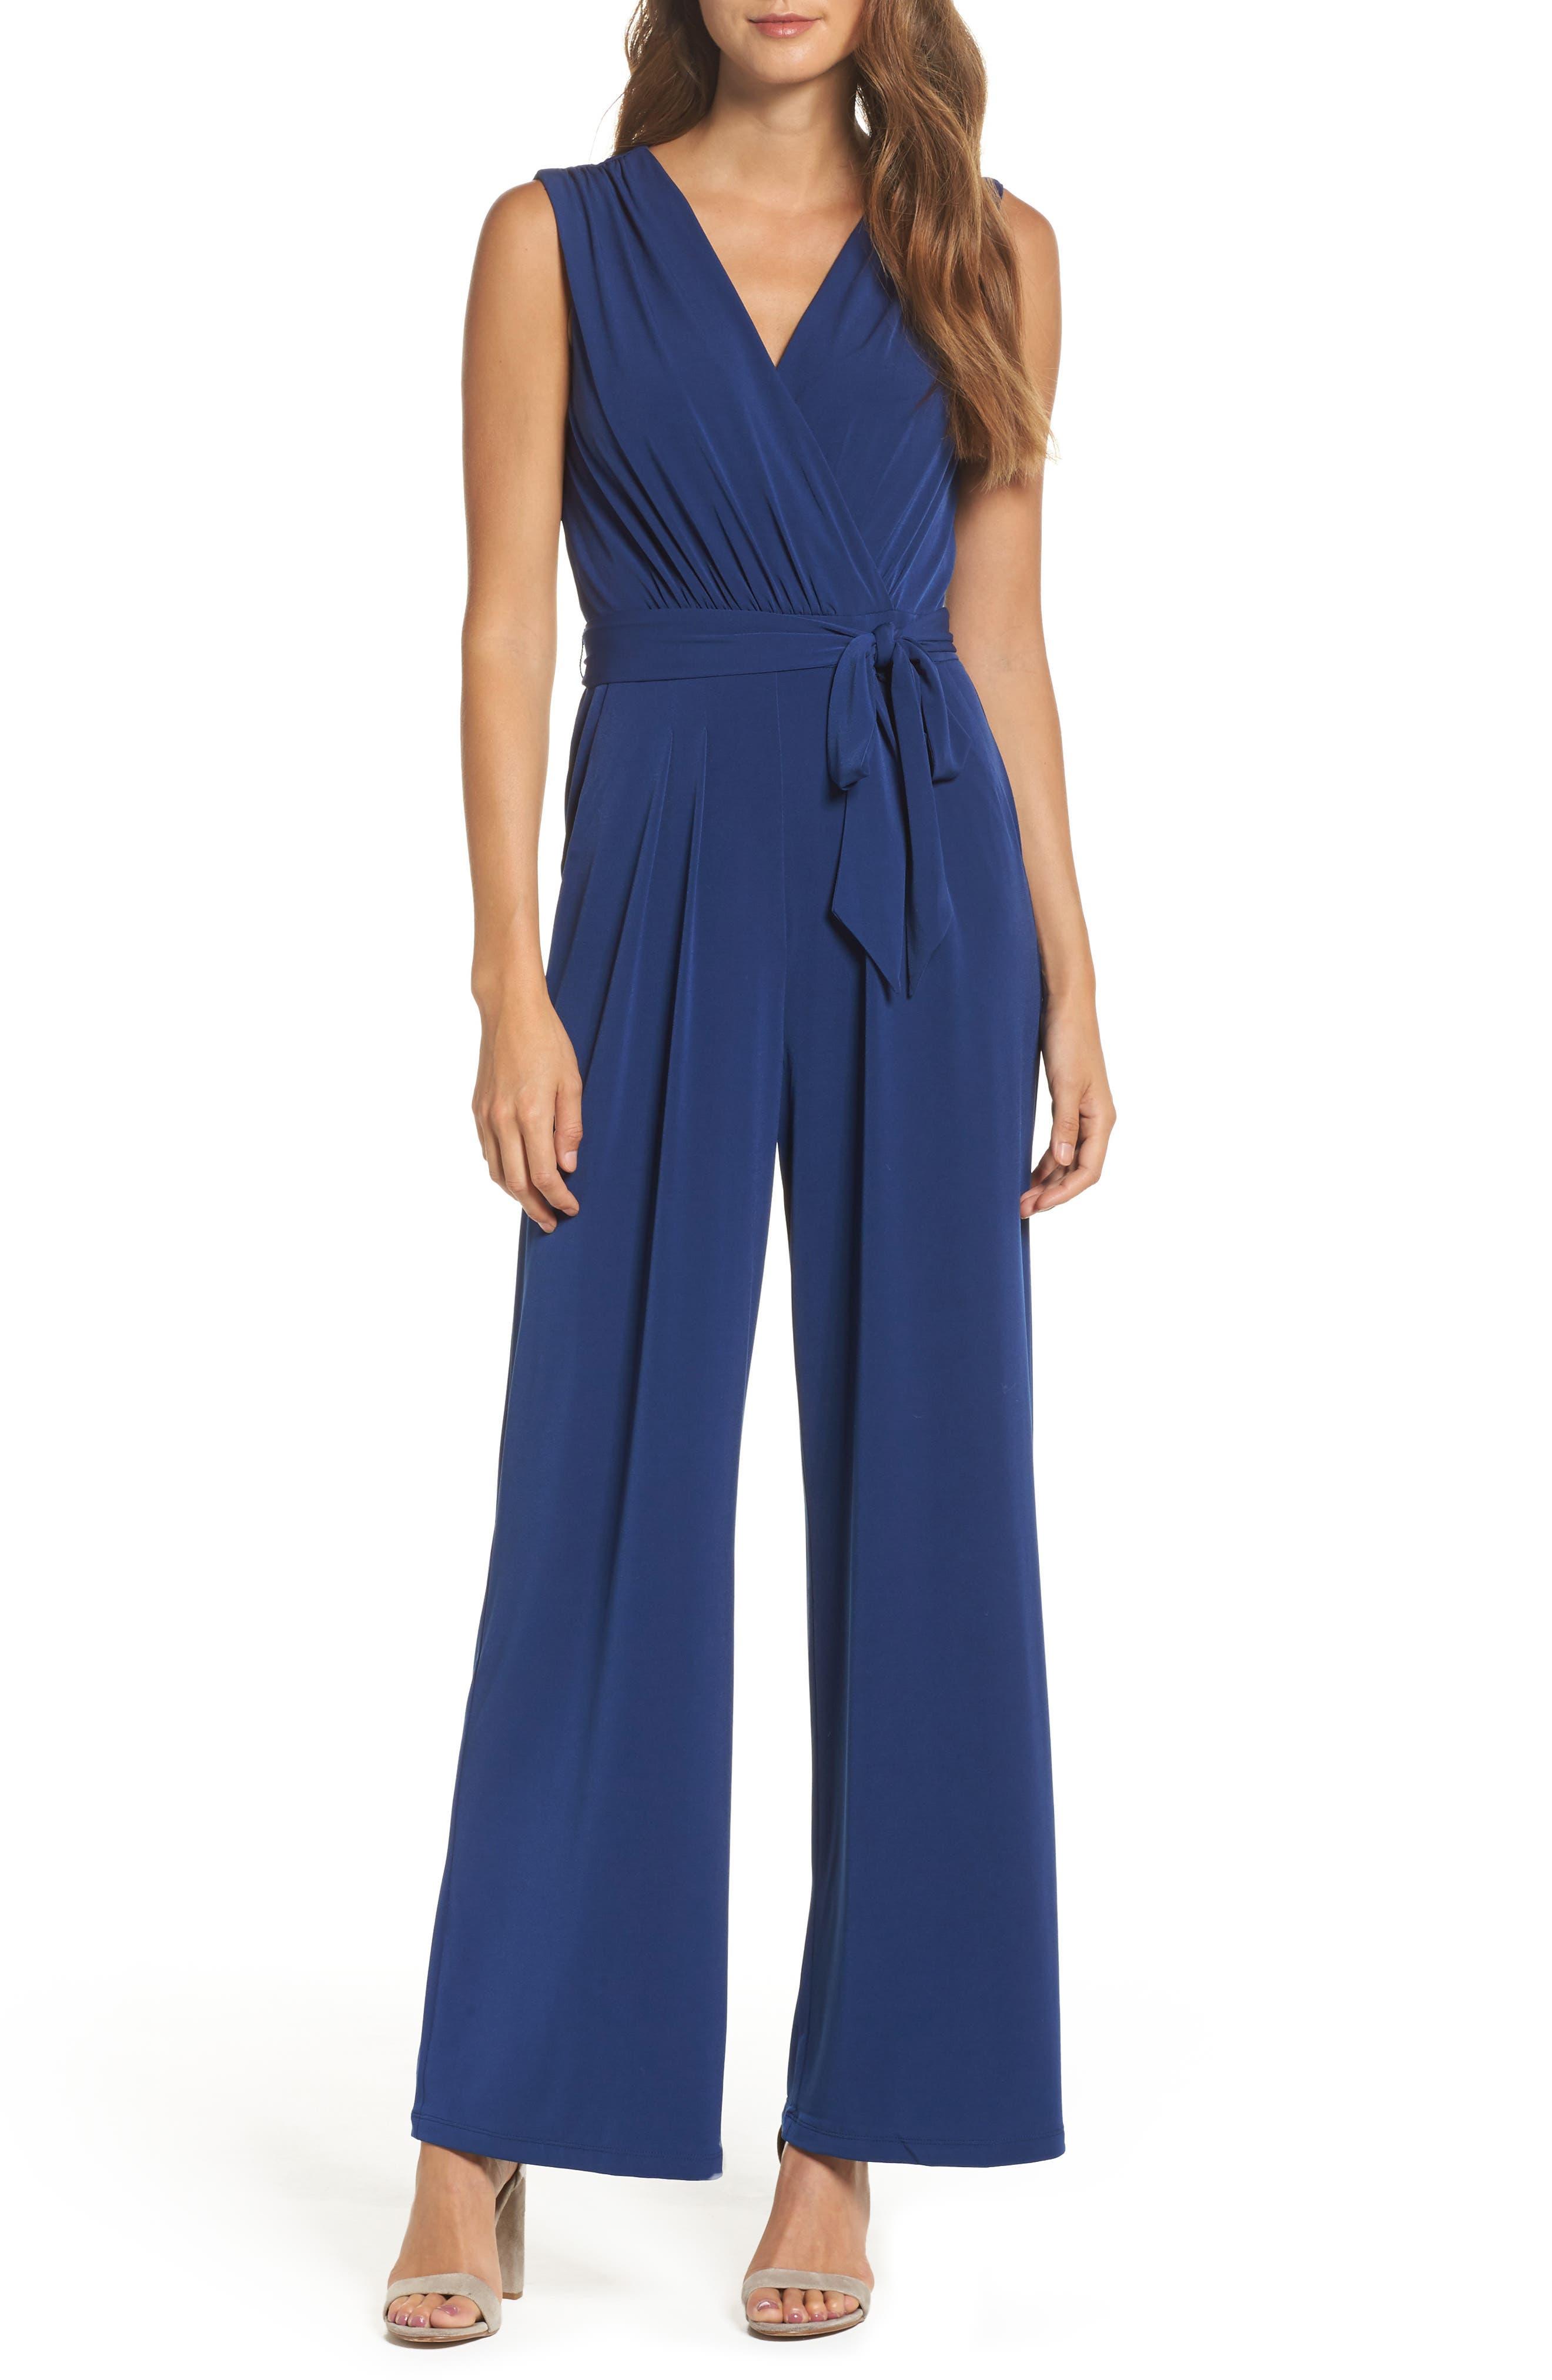 60s – 70s Pants, Jeans, Hippie, Bell Bottoms, Jumpsuits Womens Vince Camuto Faux Wrap Jersey Jumpsuit Size X-Large - Blue $58.80 AT vintagedancer.com